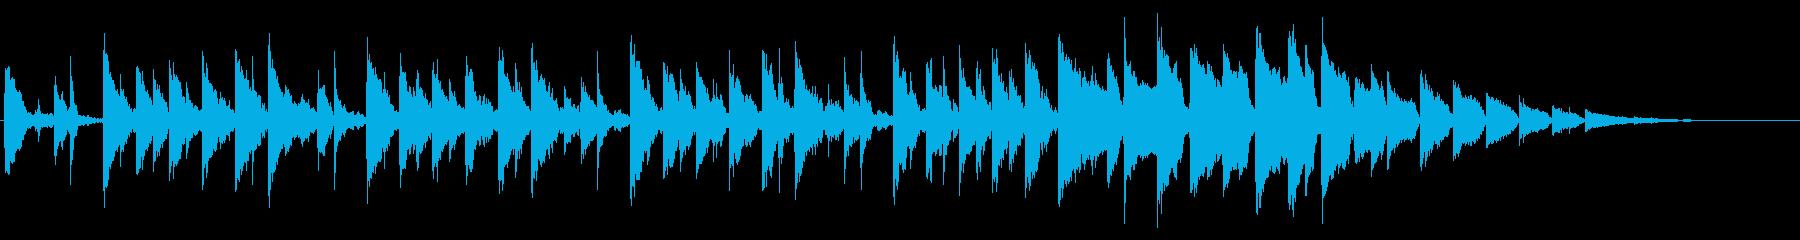 スピリチュアルな感じの不思議系背景音の再生済みの波形